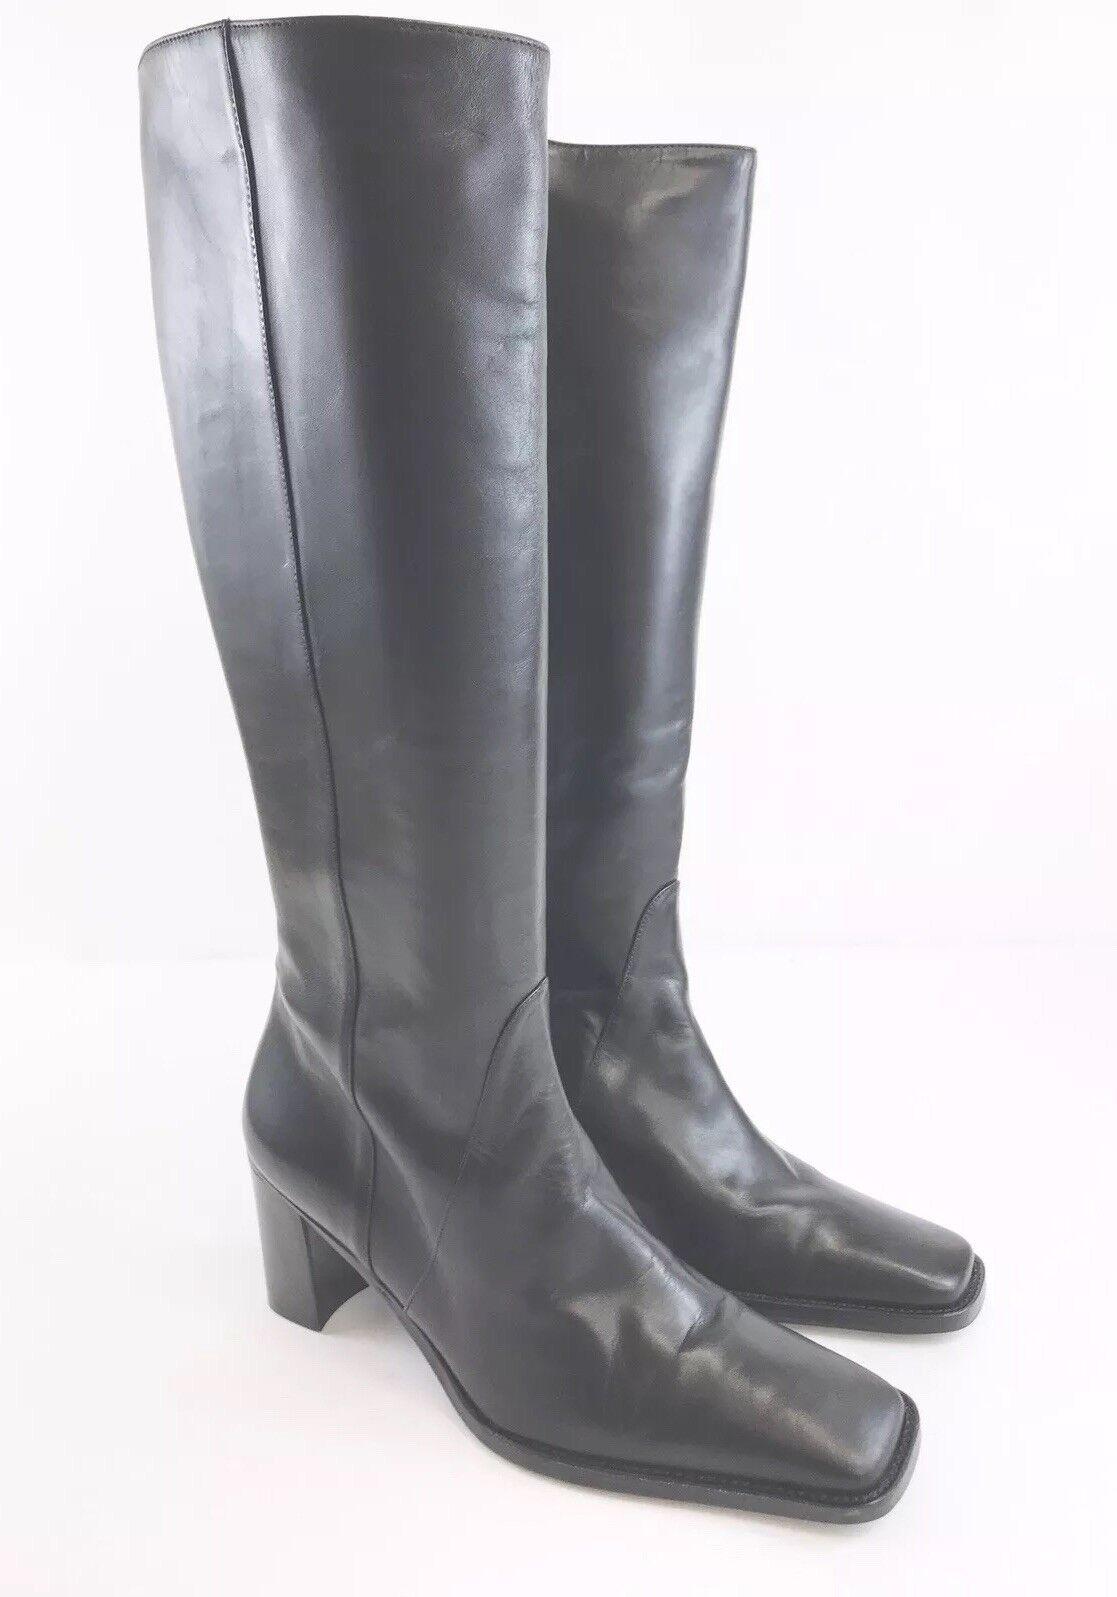 Ladies Black Leather LUISA MESQUIDA Mid Calf  Zip Up Winter Heels Boot UK6 Eu39